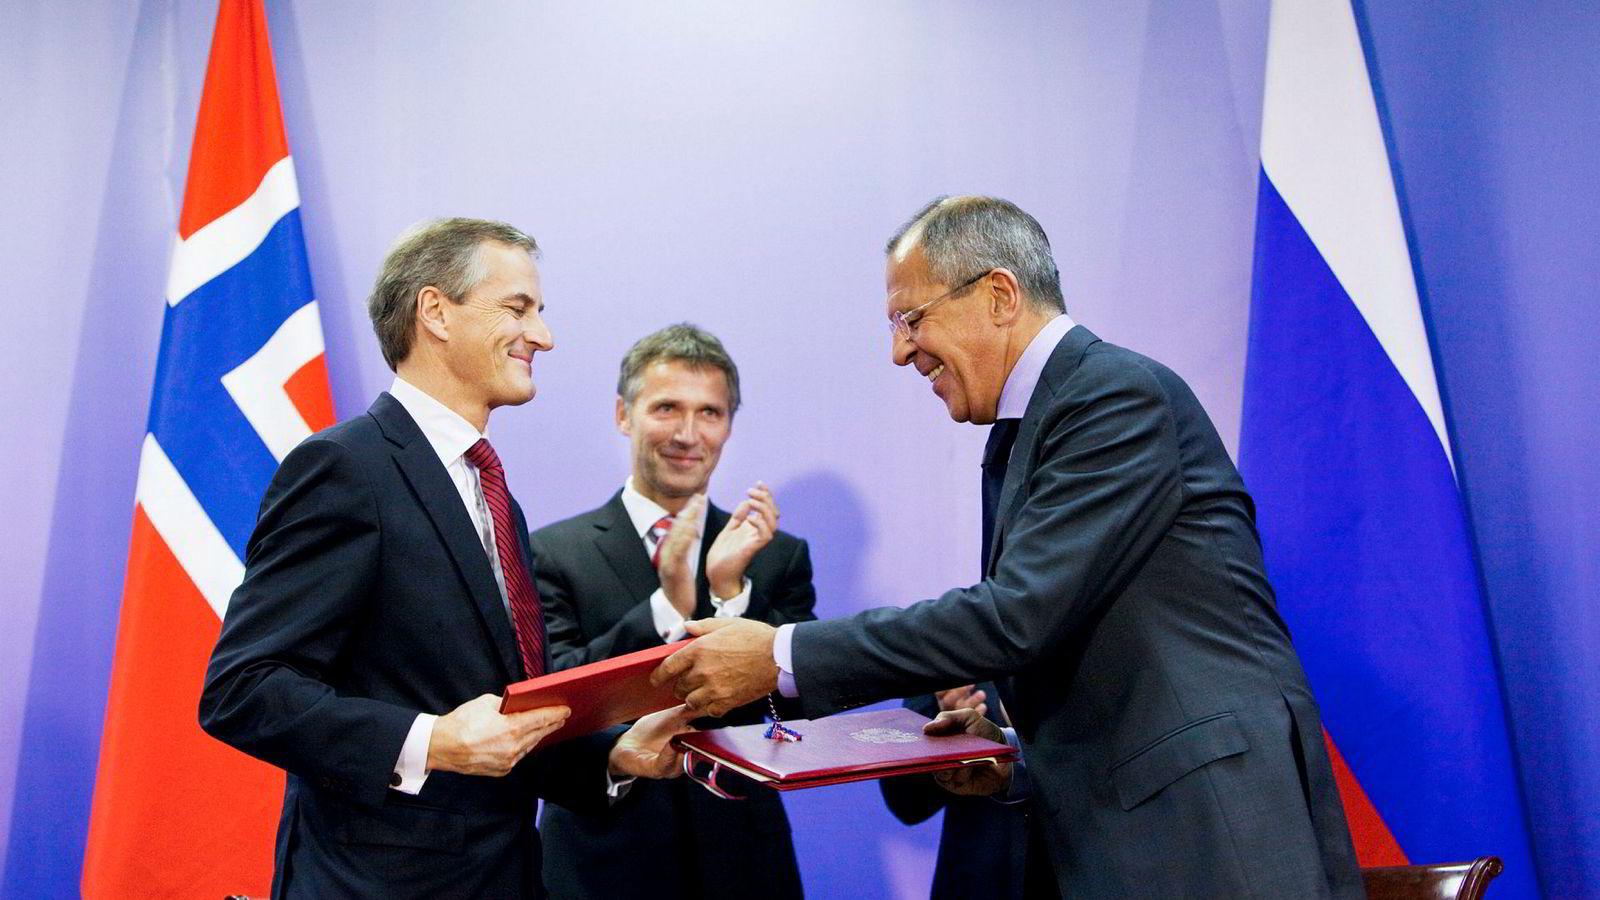 Tidligere statsminister Jens Stoltenberg tok med seg sin tjenestetelefon til Russland i 2010. Her er han bak daværende utenriksminister Jonas Gahr Støre og Russlands utenriksminister Sergej Lavrov under turen til Murmansk.